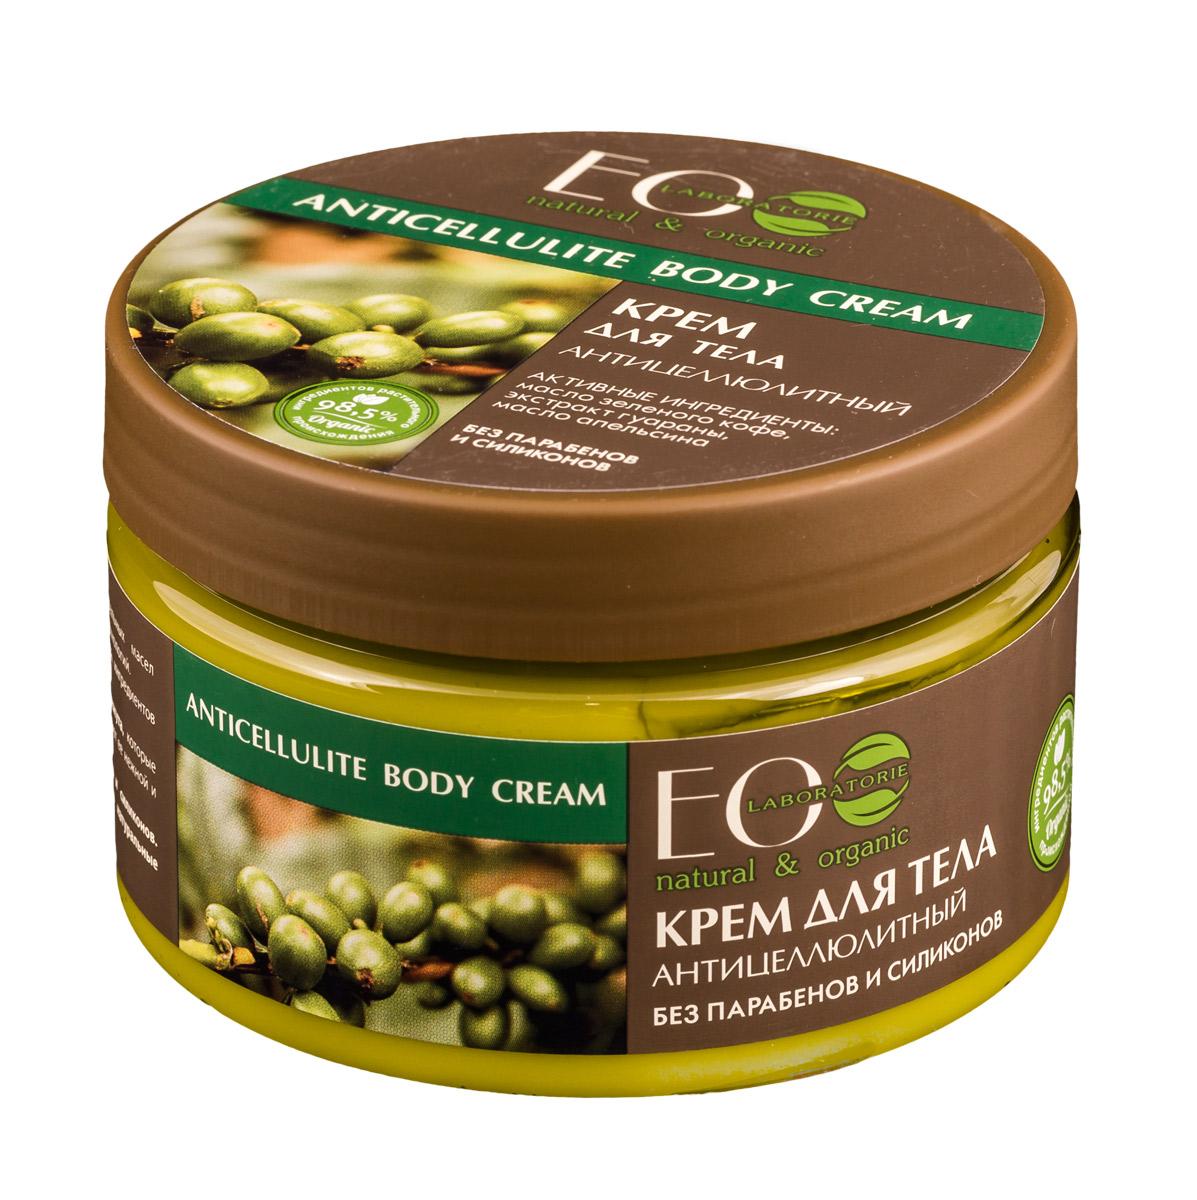 EcoLab ЭкоЛаб Крем для тела Антицеллюлитный 250 мл4627090991160Крем улучшает микроциркуляцию и повышает эластичность кожи, придает коже ровную текстуру кожи и устраняет ее рыхлость. Стимулирует естественный механизм кожи к сжиганию жировых накоплений.Активные ингредиенты: масло зеленого кофе, масло ши и кунжута, экстракт гуараны, масло апельсина